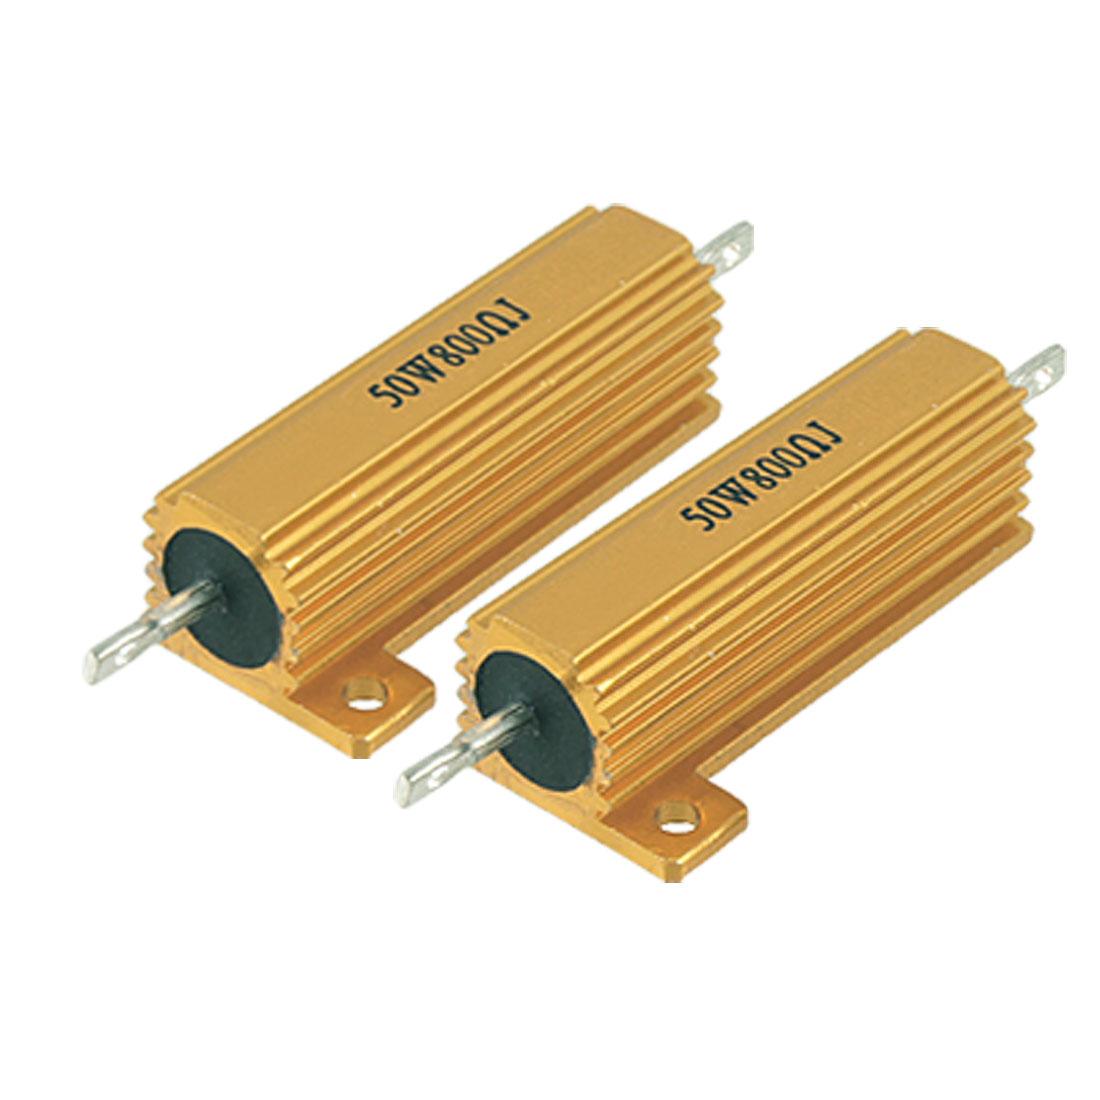 2 Pcs 50W Power 5% 800 Ohm Resistance Aluminum Shell Resistors